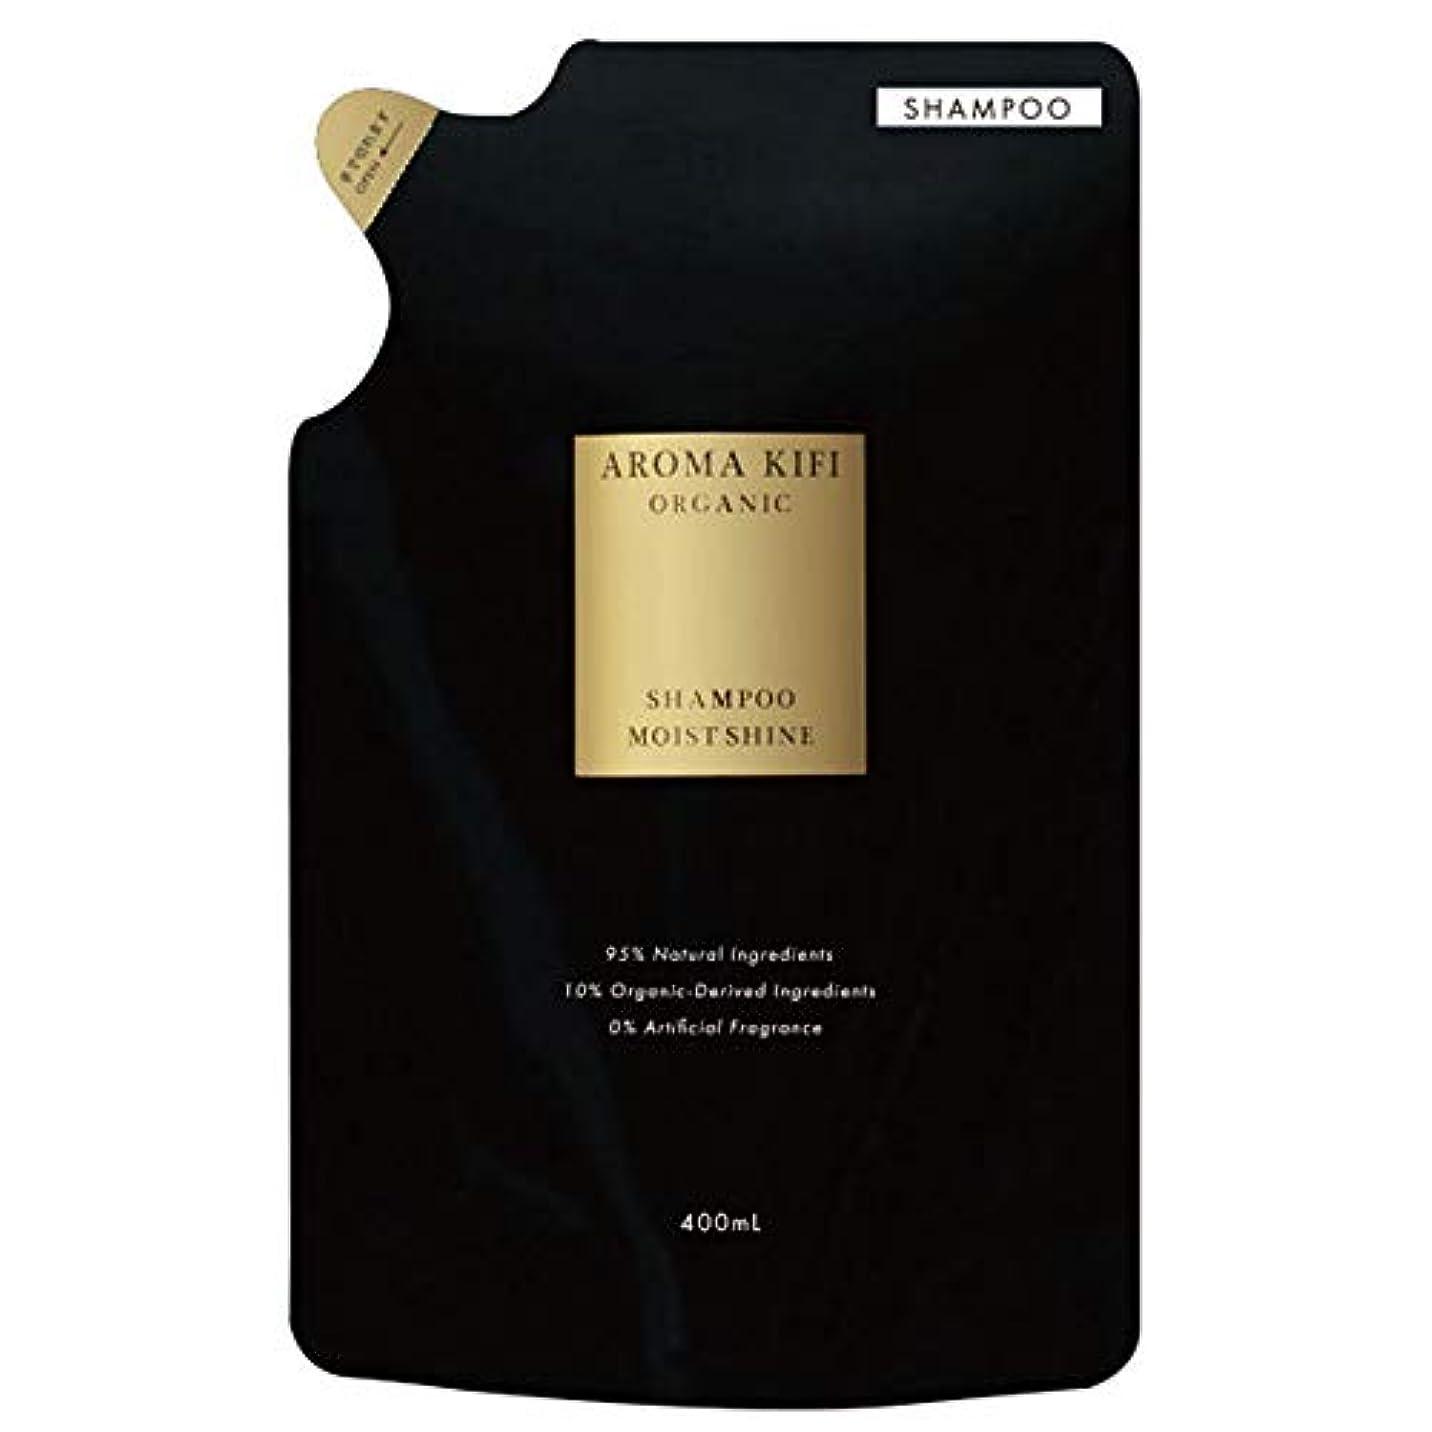 生きている重要な推測アロマキフィ オーガニック シャンプー 詰替え 400ml 【モイスト&シャイン】サロン品質 ノンシリコン 無添加 アロマティックハーブの香り